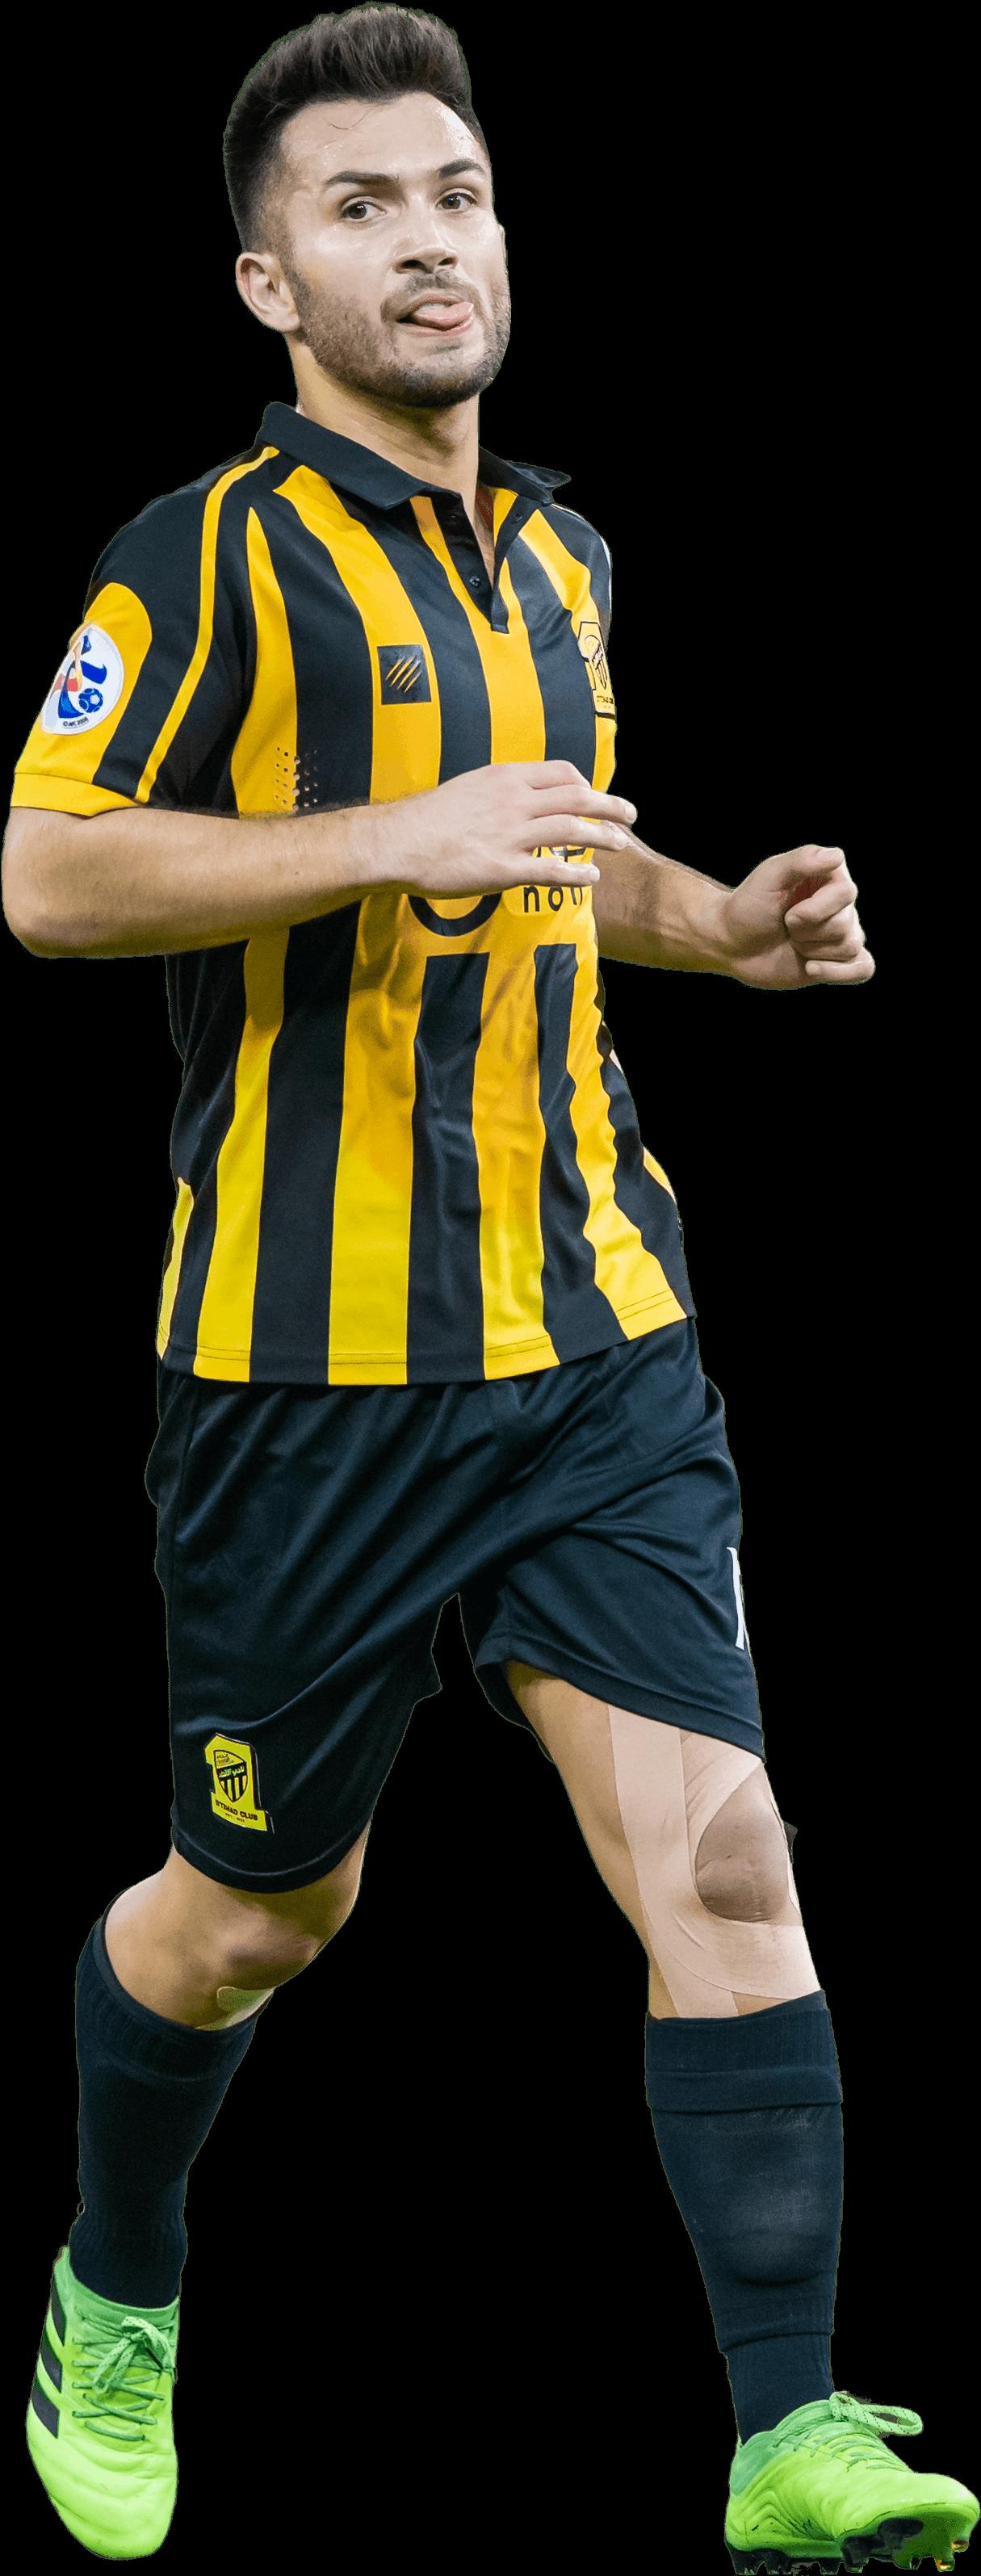 Carlos Villanuevarender